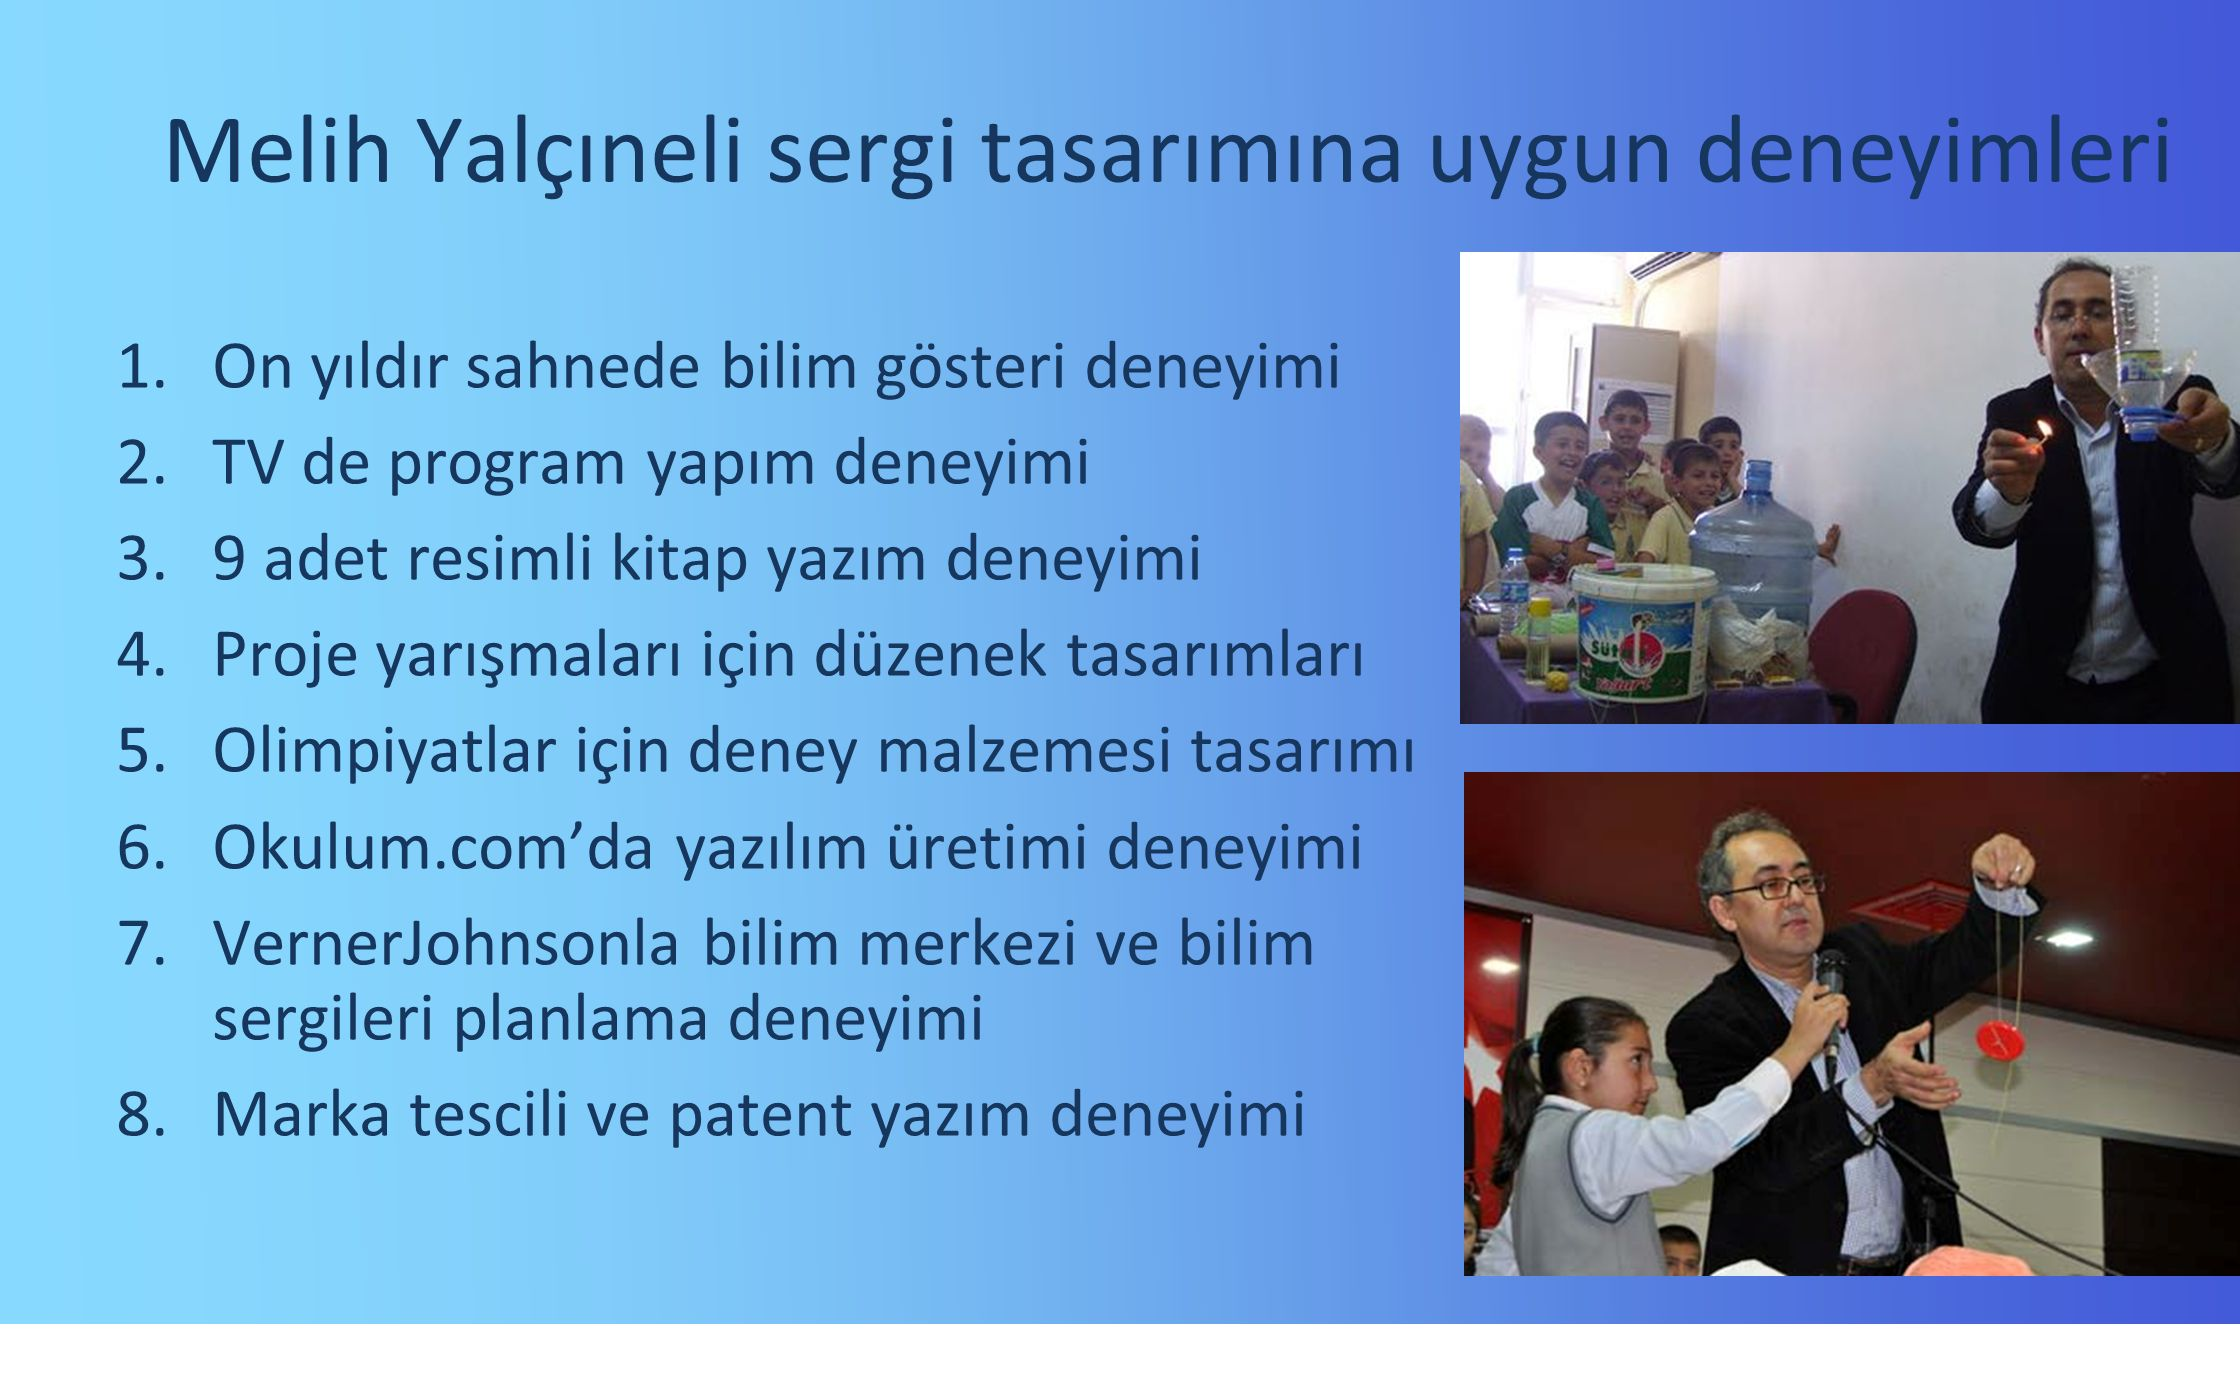 Mucit Abla'nın sadece 2014 ilk döneminde tek başına gerçekleştirdiği çalışmaları 5 Mayıs: Şırnak Beytüşşebap Kaymakamlığı 6 Mayıs: Şırnak Silopi Kaymakamlığı 7 Mayıs: Şırnak İdil Kaymakamlığı 9 Mayıs: Şırnak Beytüşşebap Kaymakamlığı 12 Mayıs: Kırklareli Pehlivanköy Kaymakamlığı 22 Mayıs: Gaziantep Valiliği 23 Mayıs: Gaziantep Valiliği 2 Haziran :Artvin Arhavi Kaymakamlığı 4 Haziran :Çorum Dodurga Kaymakamlığı 15 Ocak: K.Maraş Pazarcık Kaymakamlığı 16 Ocak: :K.Maraş Elbistan Kaymakamlığı 13 Şubat: :Bolu Seben Kaymakamlığı 14 Şubat: :Bolu Dörtdivan Kaymakamlığı 24 Şubat :Diyarbakır Ergani Kaymakamlığı 10 Mart: Muğla Milas Kaymakamlığı 11 Mart: Muğla Milas Kaymakamlığı 12 Mart: Muğla Dalaman Kaymakamlığı 13 Mart: Muğla Ula Kaymakamlığı 13 Mart: Muğla Yatağan Kaymakamlığı 21 Nisan: Iğdır Aralık Kaymakamlığı 22 Nisan: Iğdır Karakoyunlu Kaymakamlığı 23 Nisan: Ardahan Göle Kaymakamlığı 24 Nisan: Ardahan Çıldır Kaymakamlığı 25 Nisan: Ardahan Damal Kaymakamlığı 25 Nisan: Ardahan Hamak Kaymakamlığı 26 Nisan: Ardahan Posof Kaymakamlığı 27 Nisan: Ardahan Valiliği 29 Nisan: Erzurum Şenkaya Kaymakamlığı